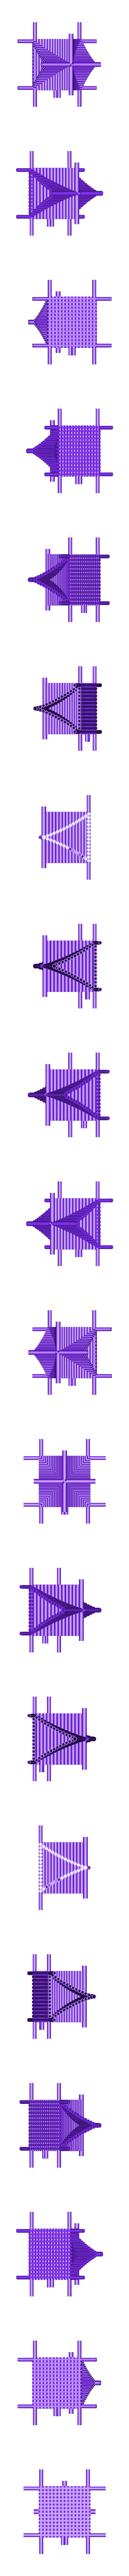 Single_Entrance_Diameter_65_mm.stl Télécharger fichier STL gratuit Maison des oiseaux bûcherons • Modèle à imprimer en 3D, SE_2018